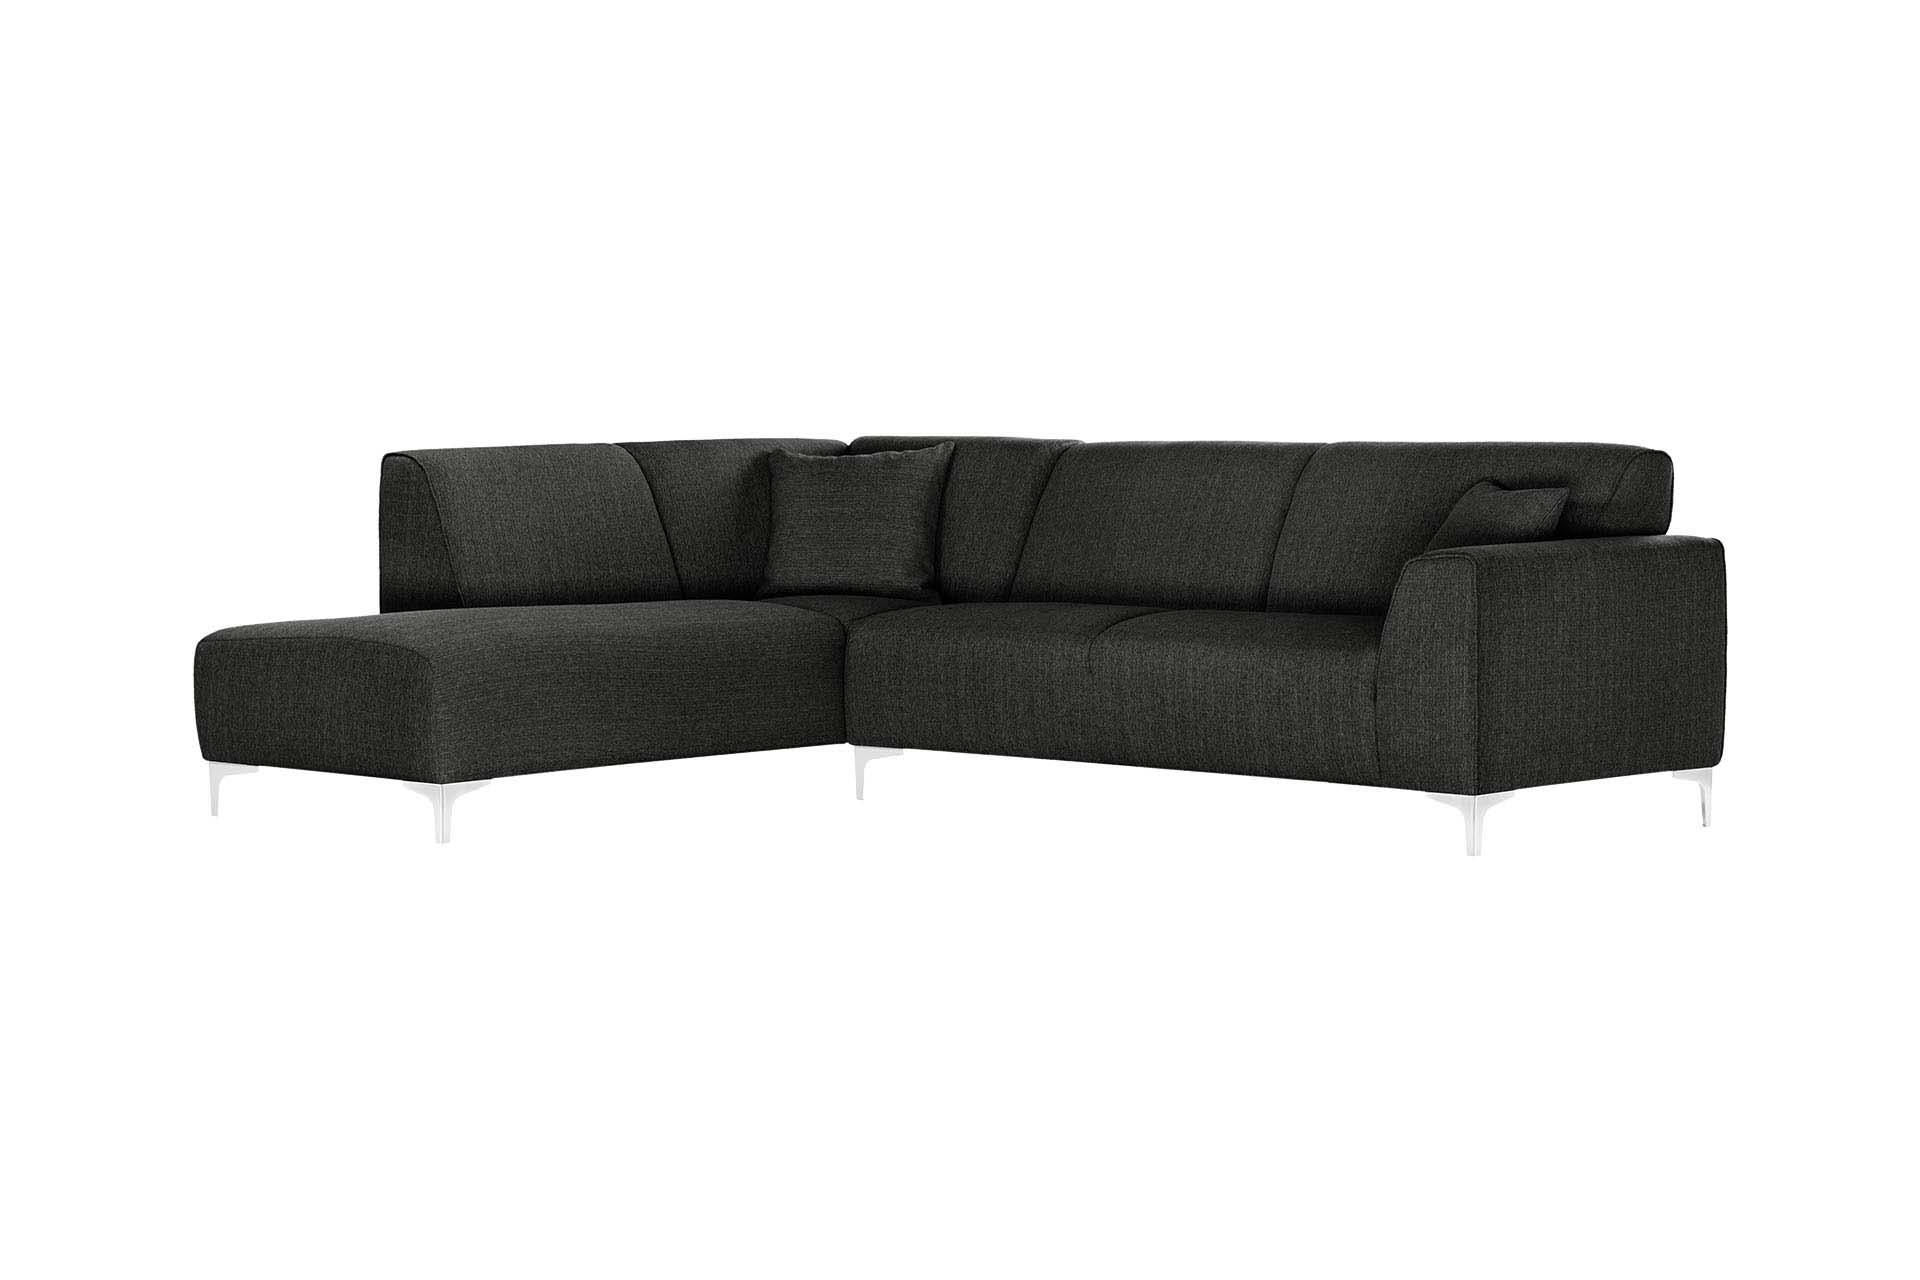 Canapé d'angle 5 places Design